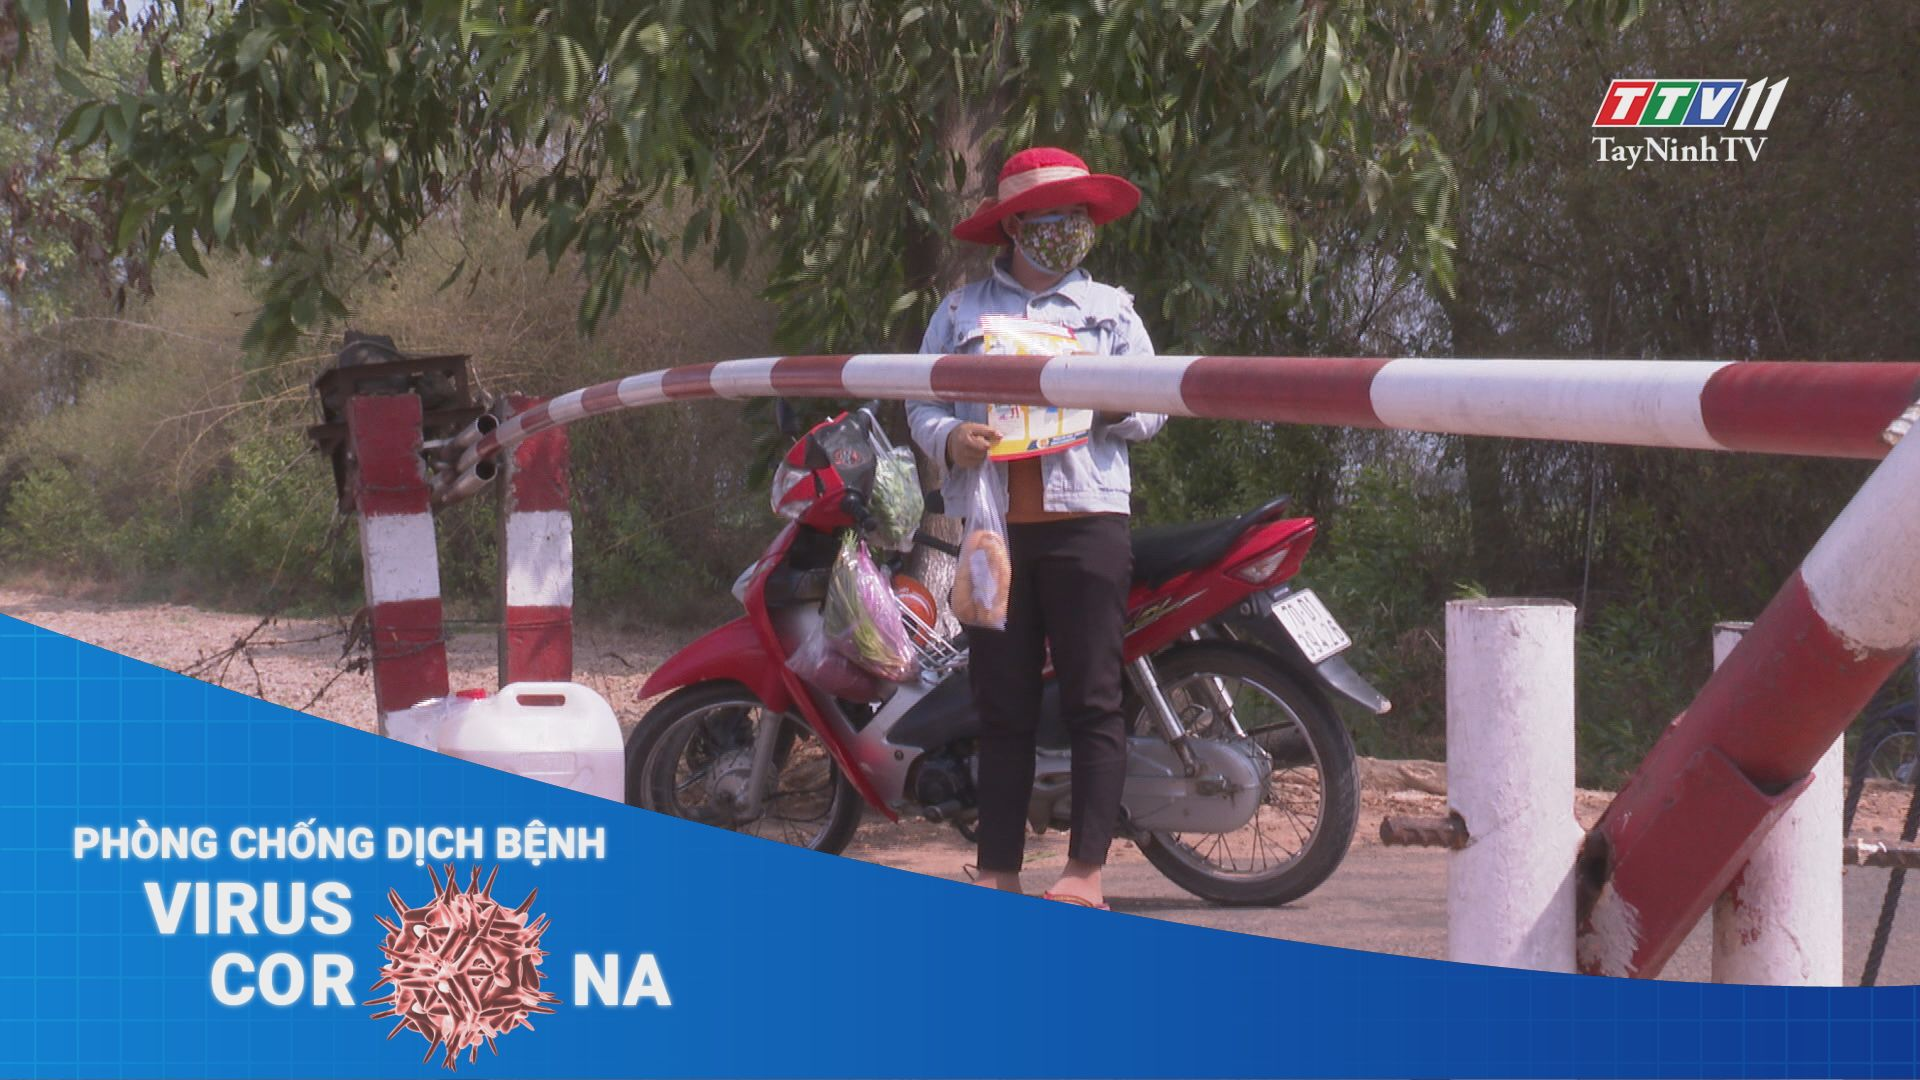 Quyết liệt phòng chống dịch Covid-19 trên toàn tuyến biên giới | THÔNG TIN DỊCH CÚM COVID-19 | TayNinhTV